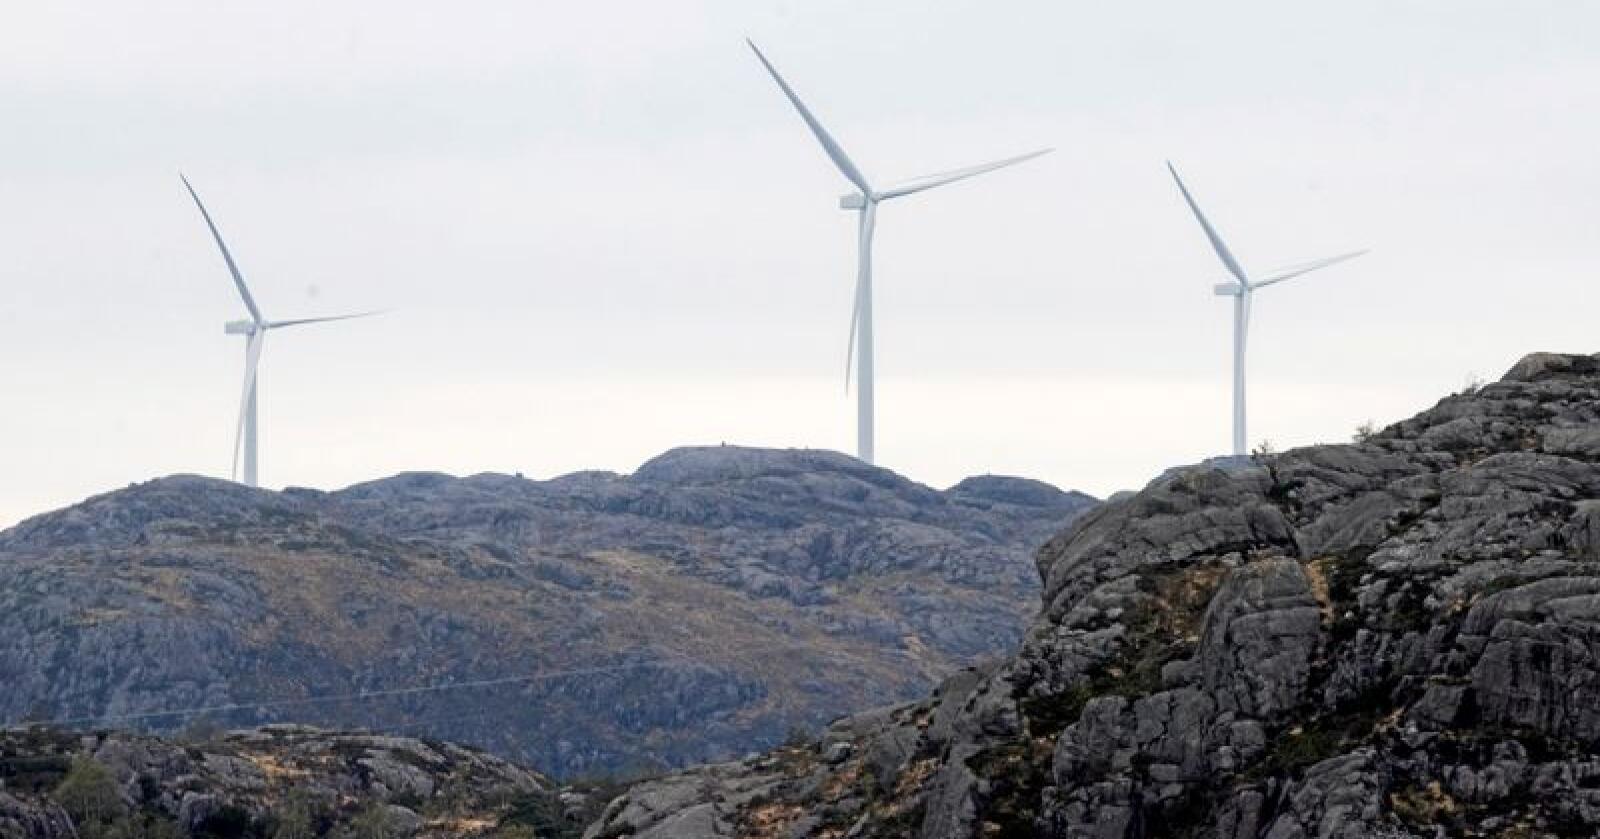 Vindkraft: Vindmøller i Eigersund kommune i Rogaland. Foto: Terje Pedersen/NTB scanpix